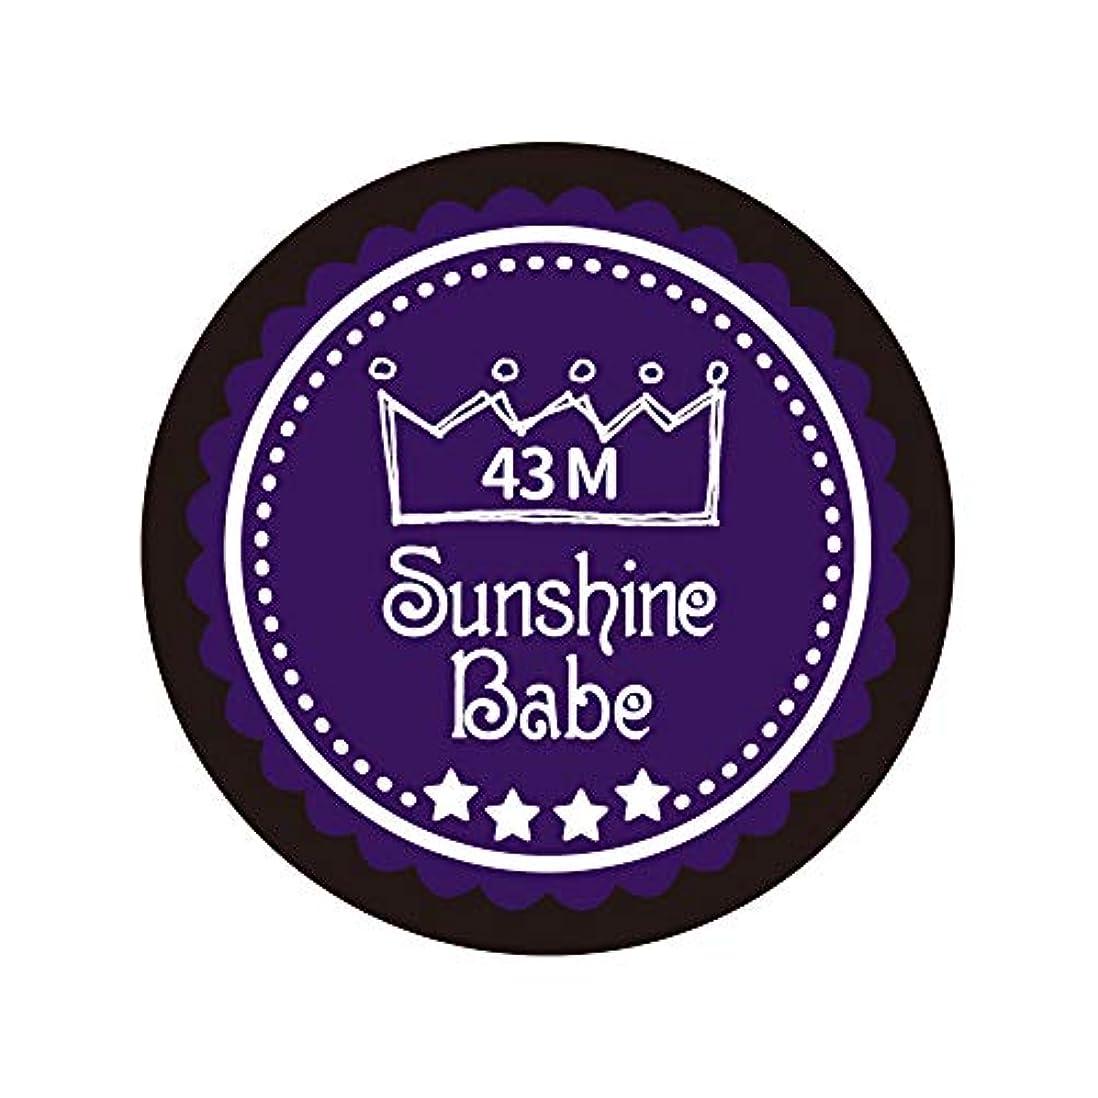 私たち教育する曲げるSunshine Babe カラージェル 43M オータムウルトラバイオレット 4g UV/LED対応